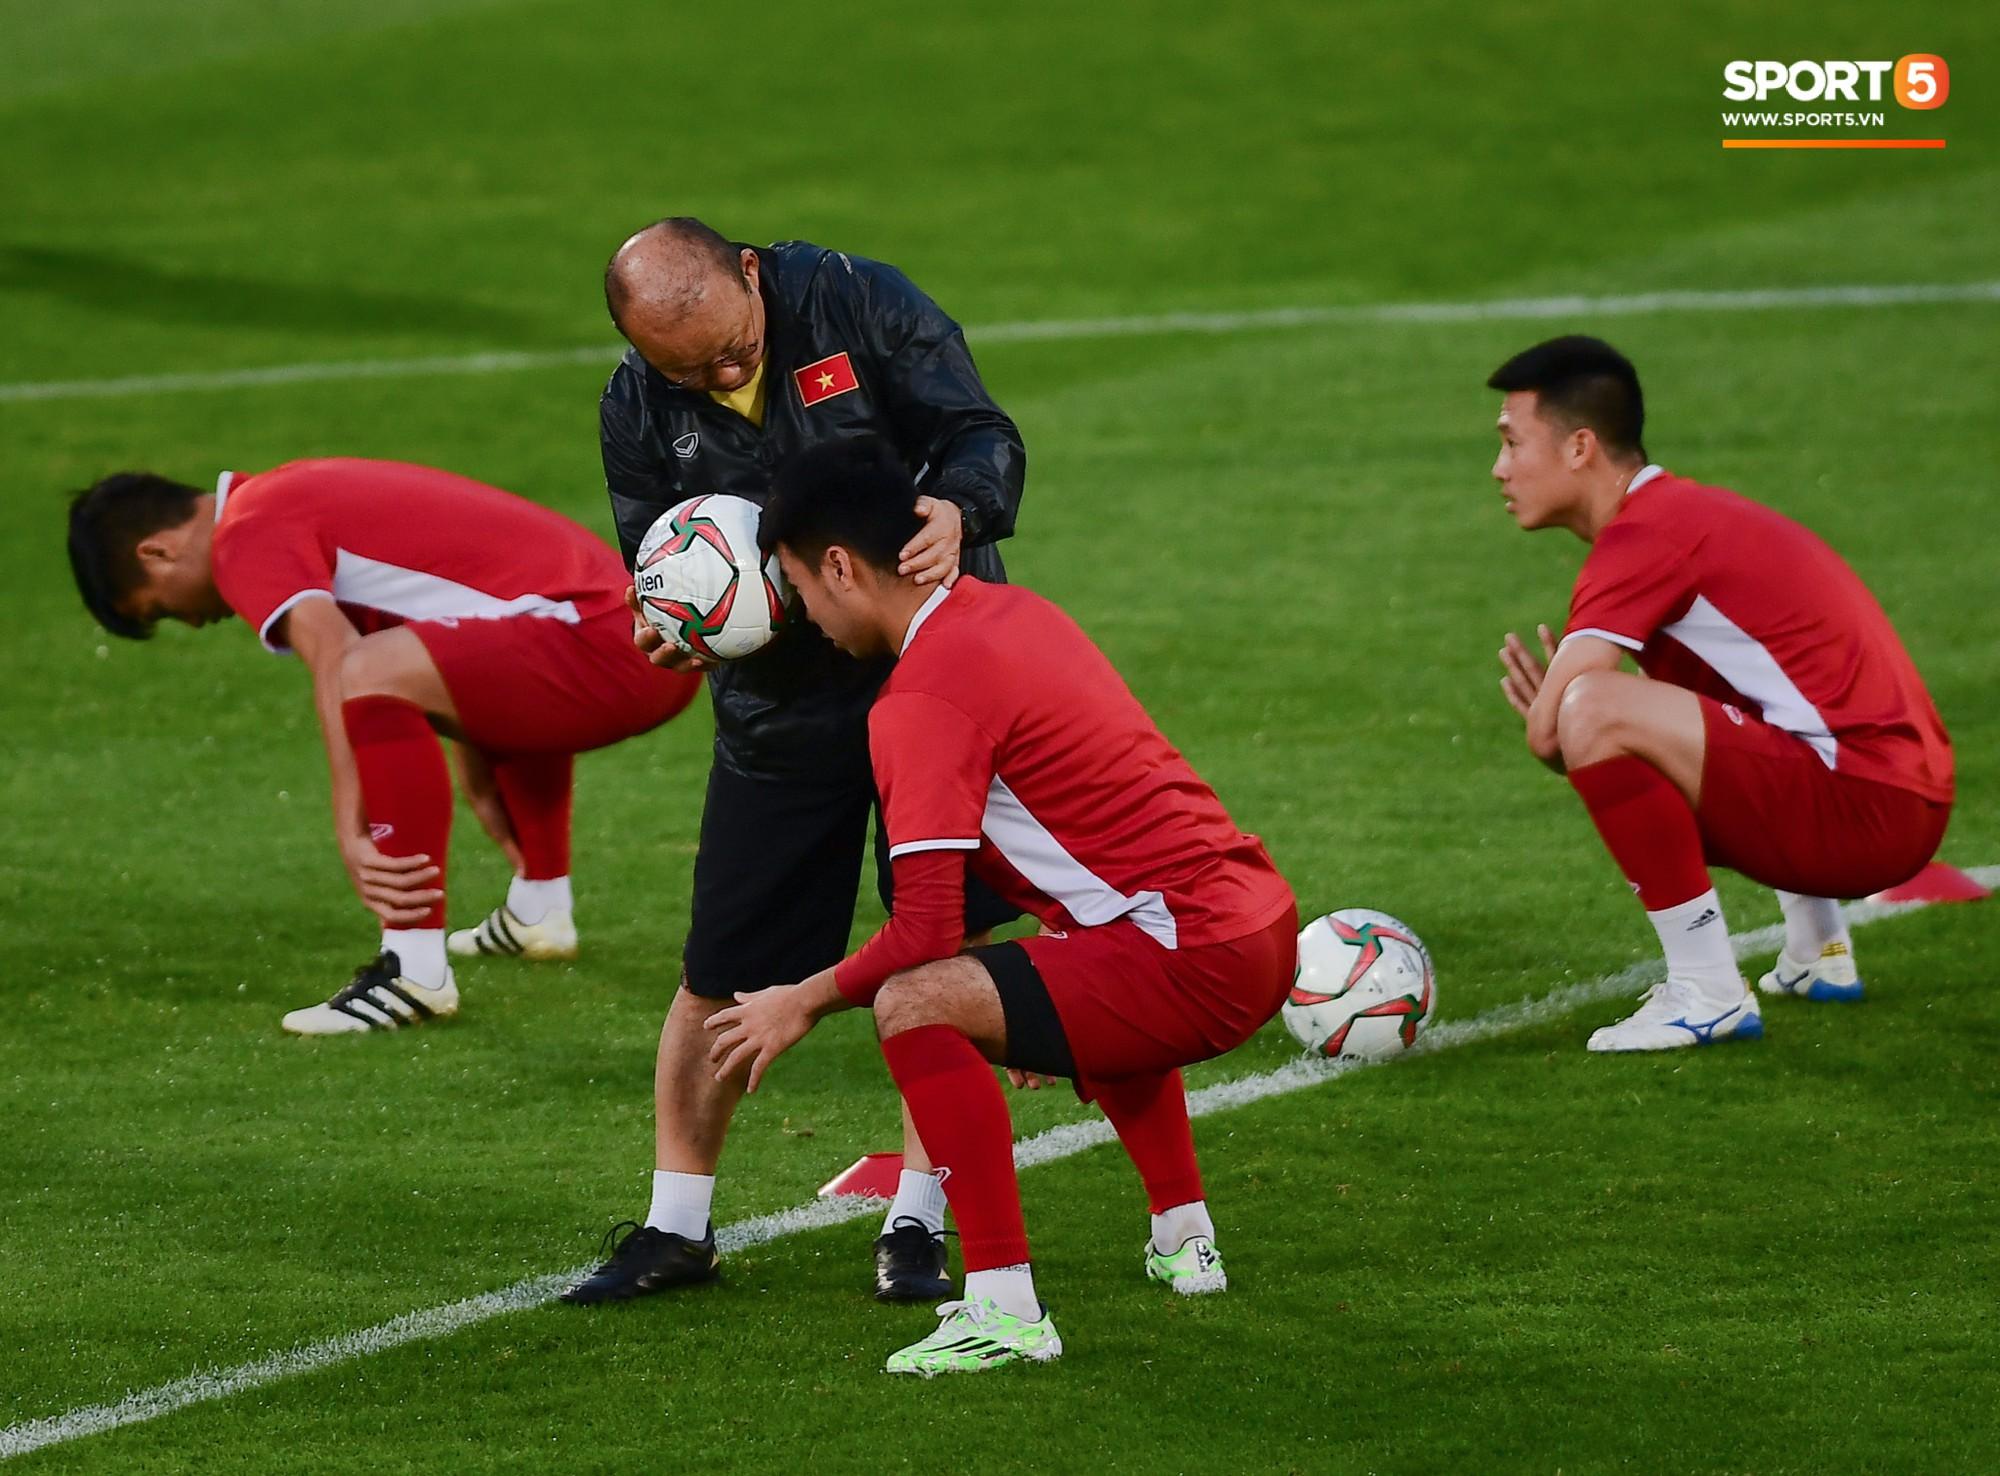 Xuân Trường cười tỏa nắng trong buổi tập trước trận ra quân tại Asian Cup 2019-10